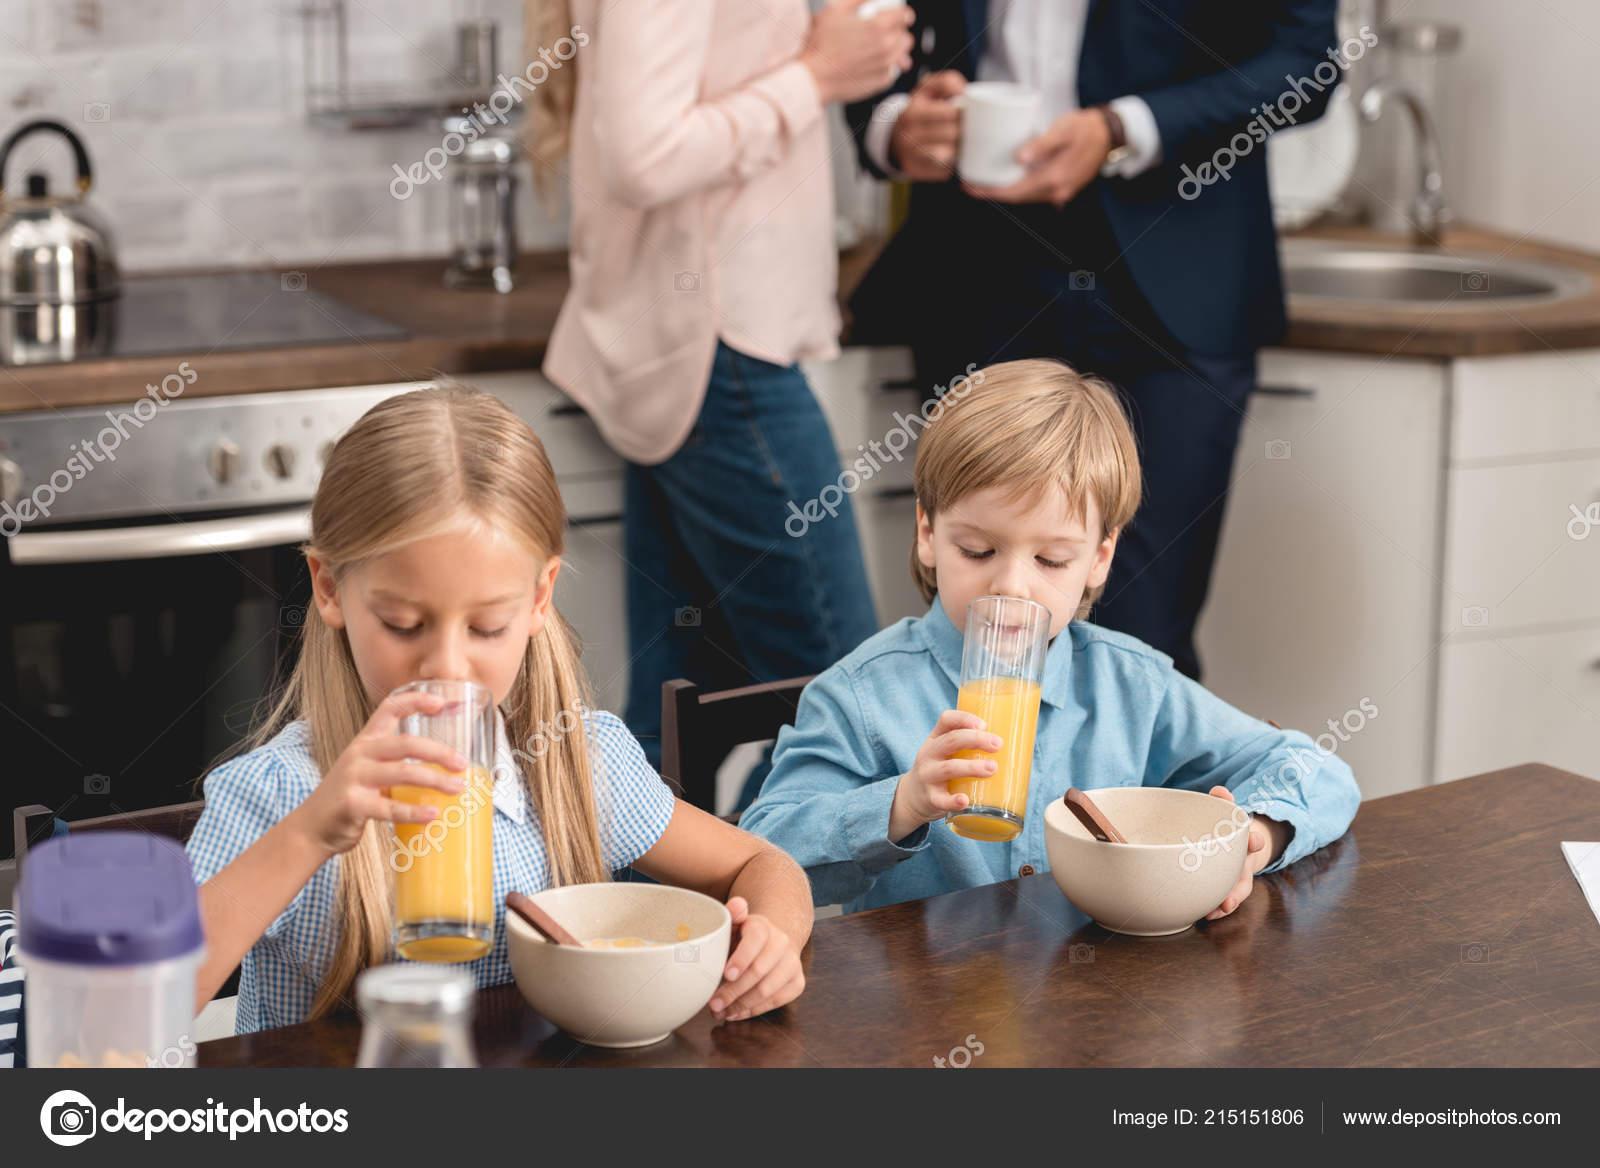 kitchen kid wall art for 可爱的小孩子们一起在厨房吃早饭而父母喝咖啡的背景 图库照片